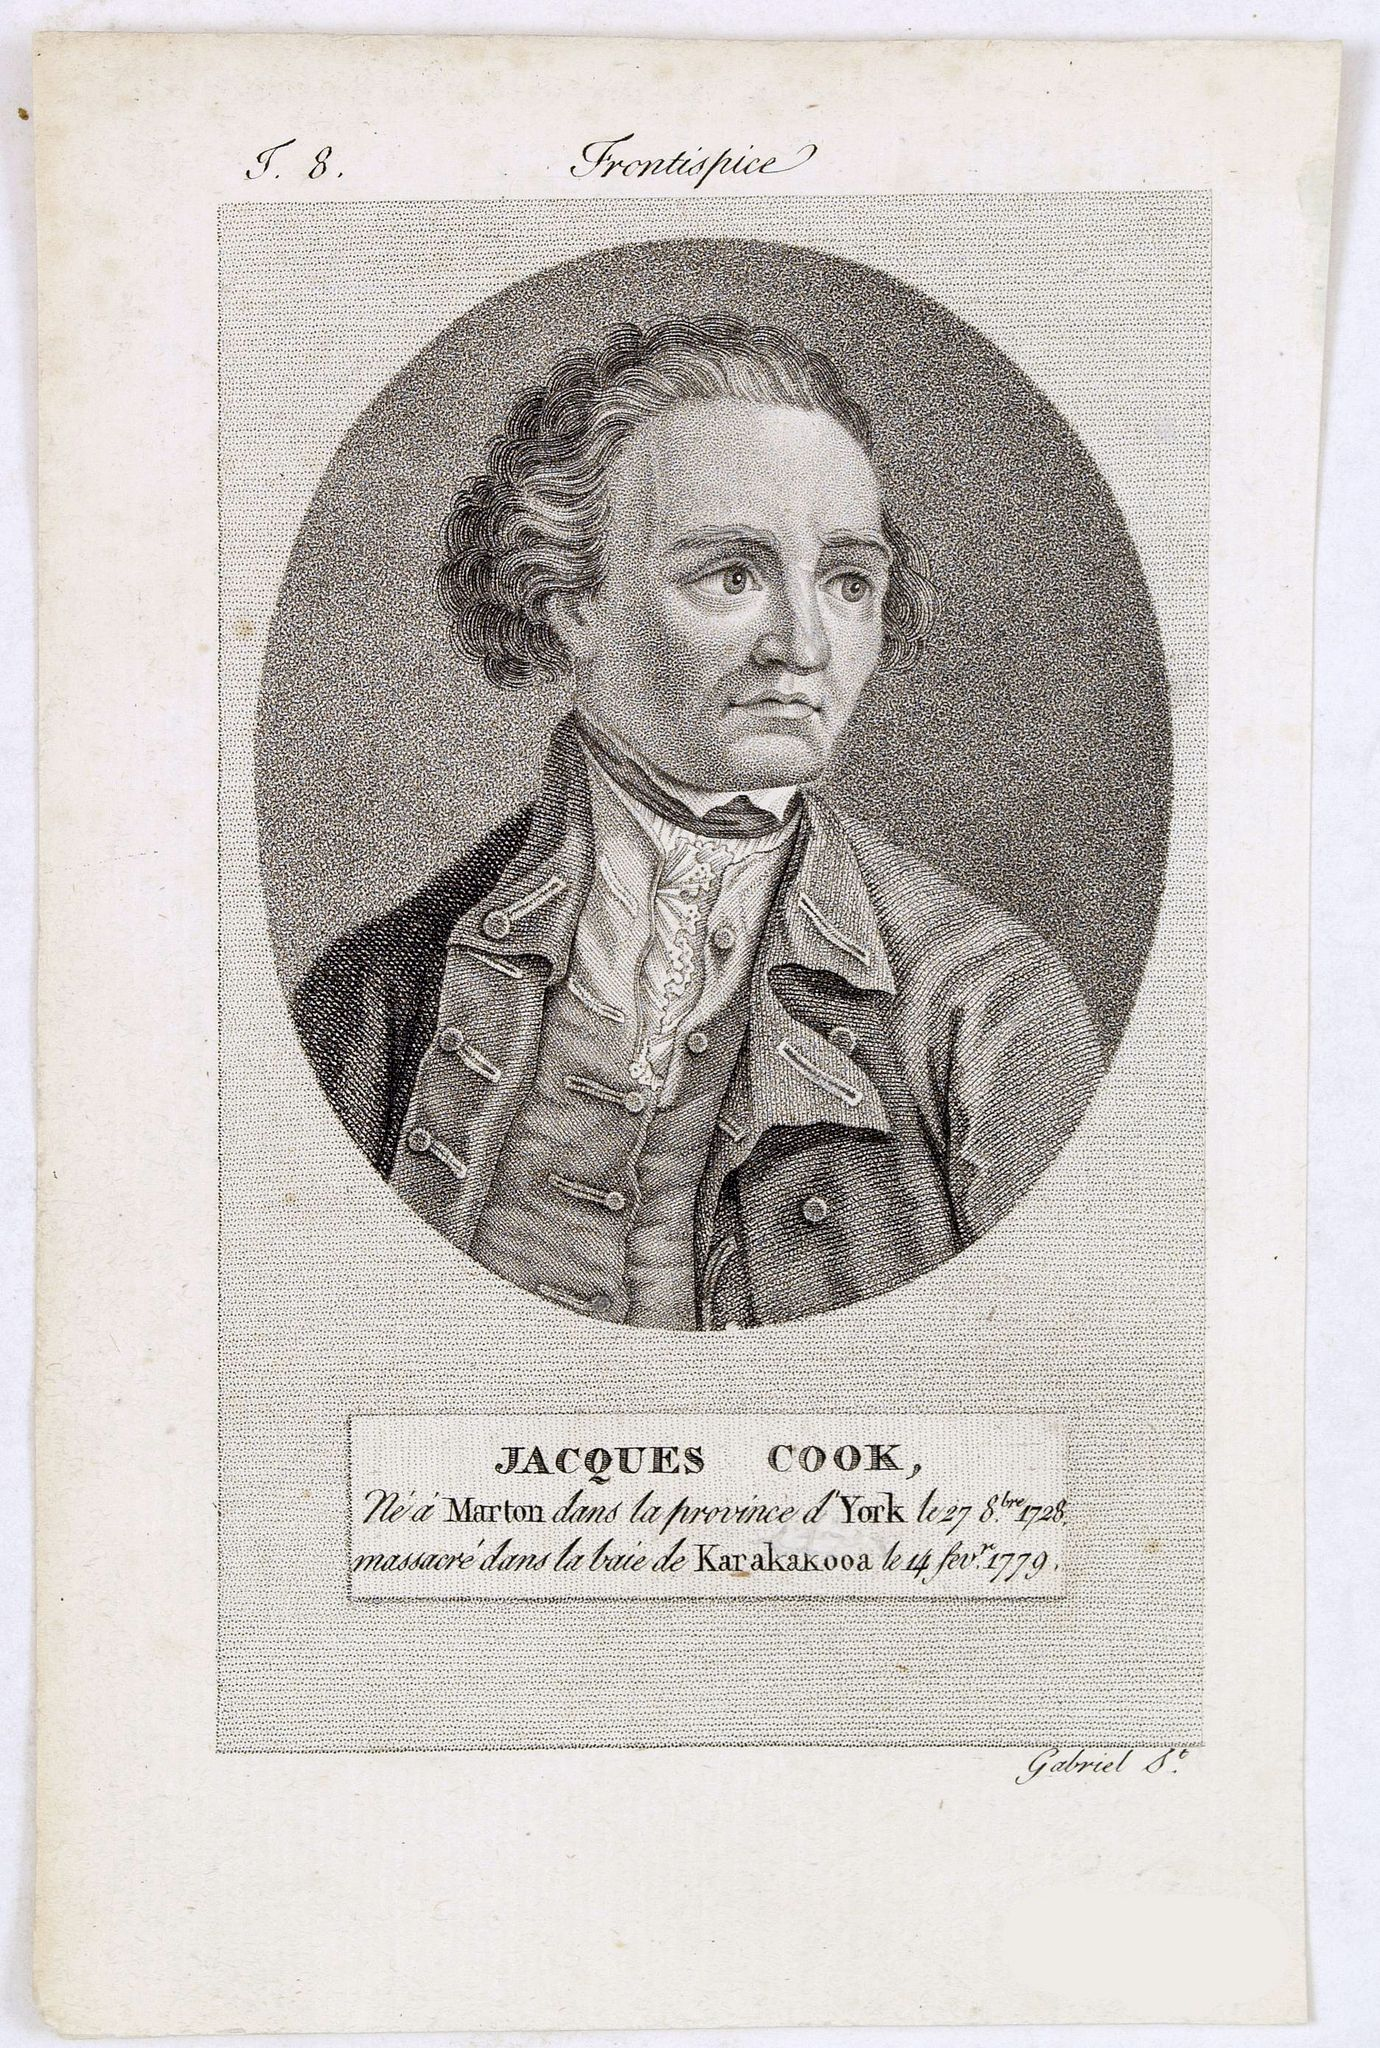 GABRIEL. -  Jacques Cook, Né à Marton dans la province d'York. . .